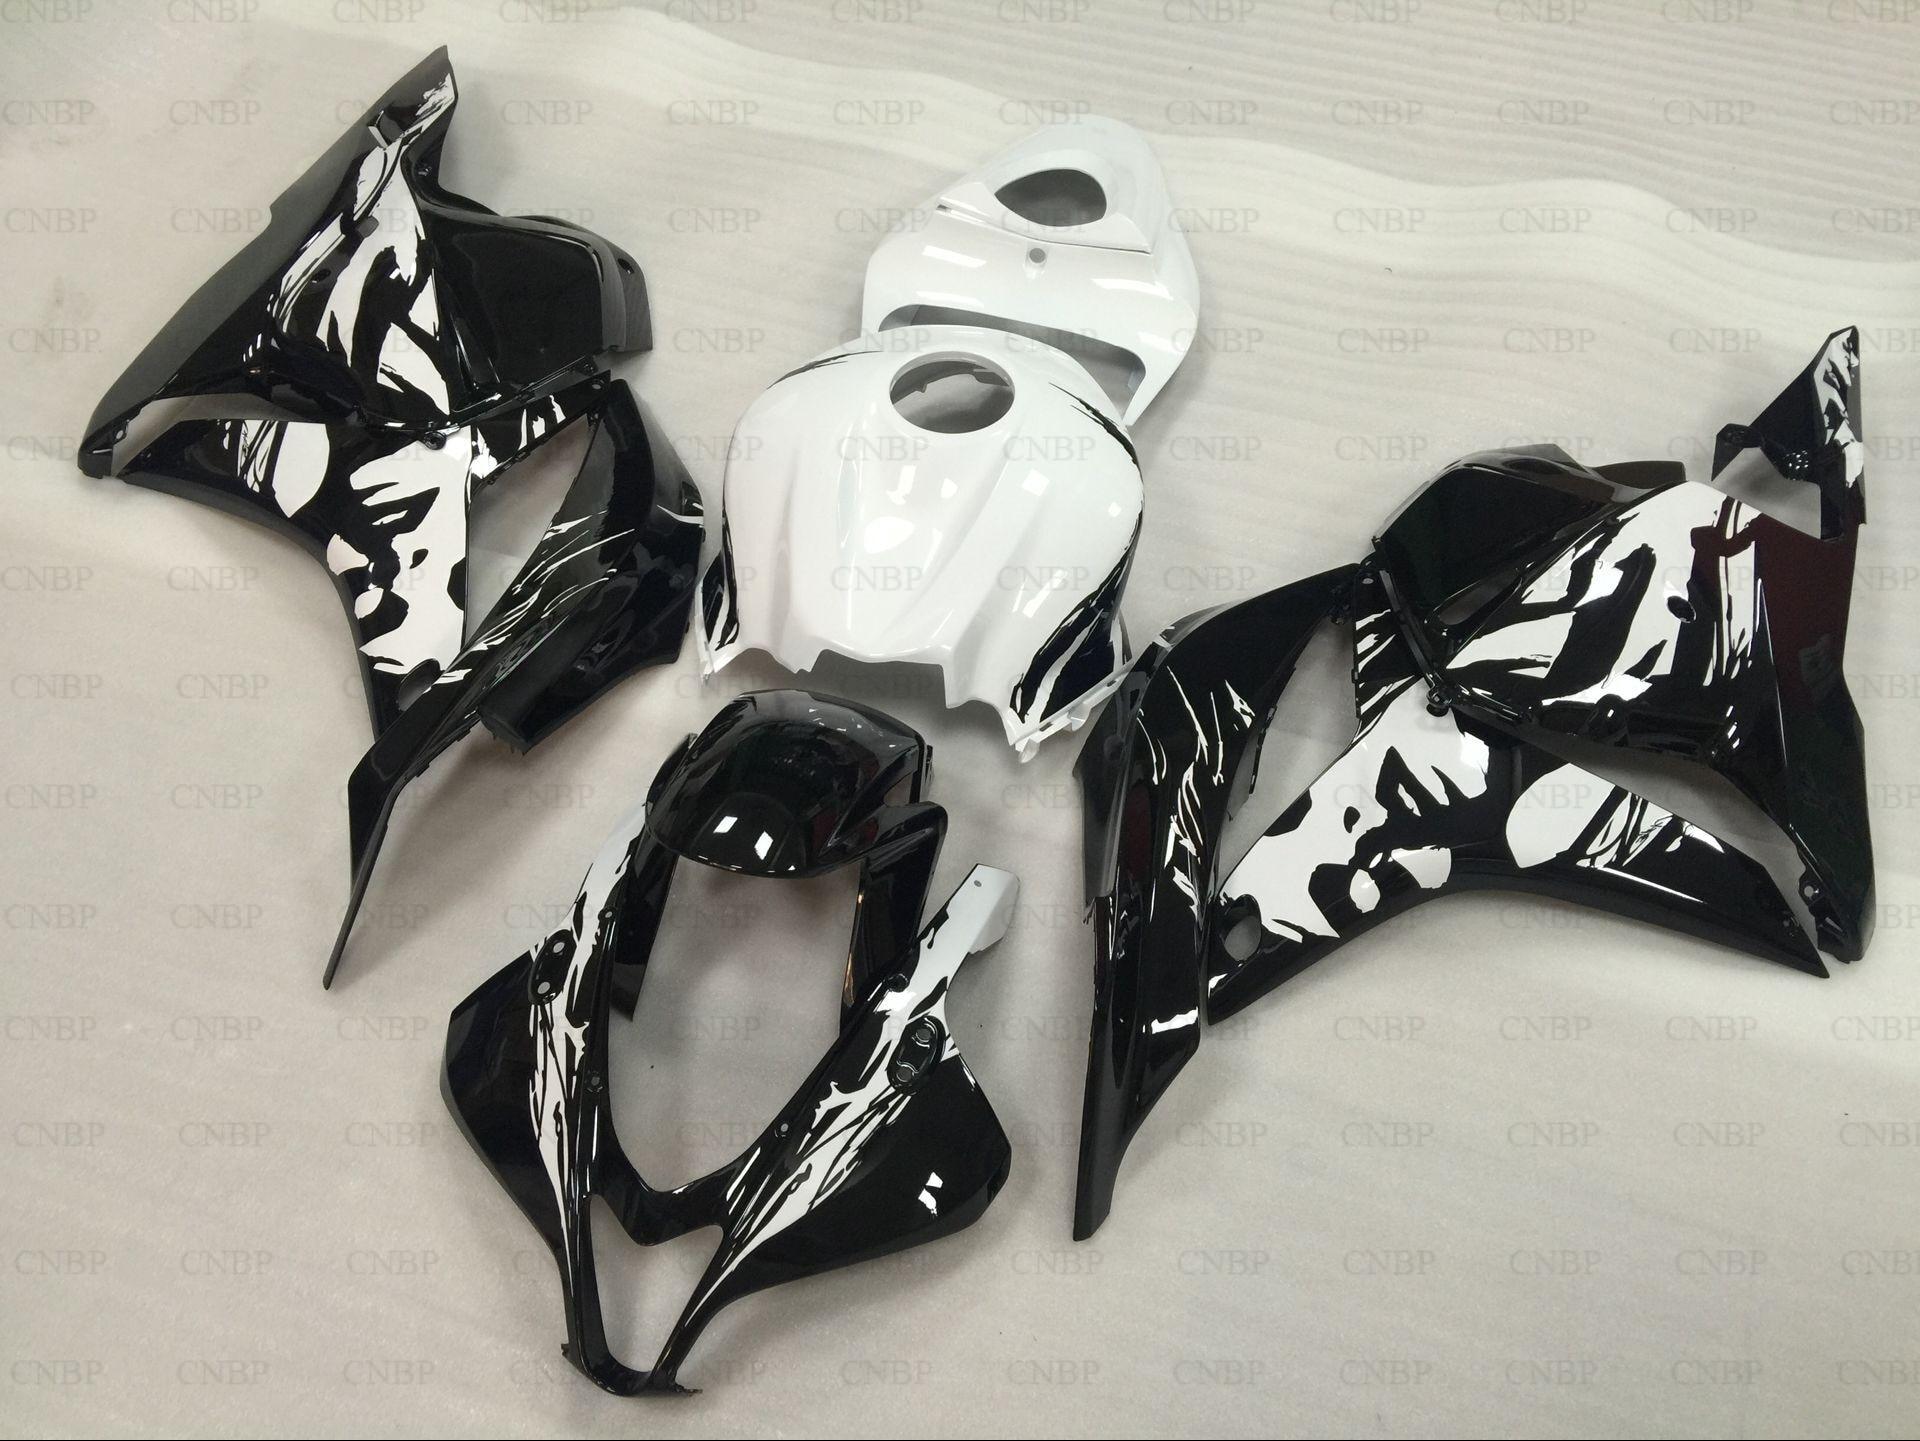 Fairings CBR600 RR 2009 Body Kits for Honda CBR600RR 2009 2009 2012 White Black GIRL Full Body Kits CBR 600 RR 2011